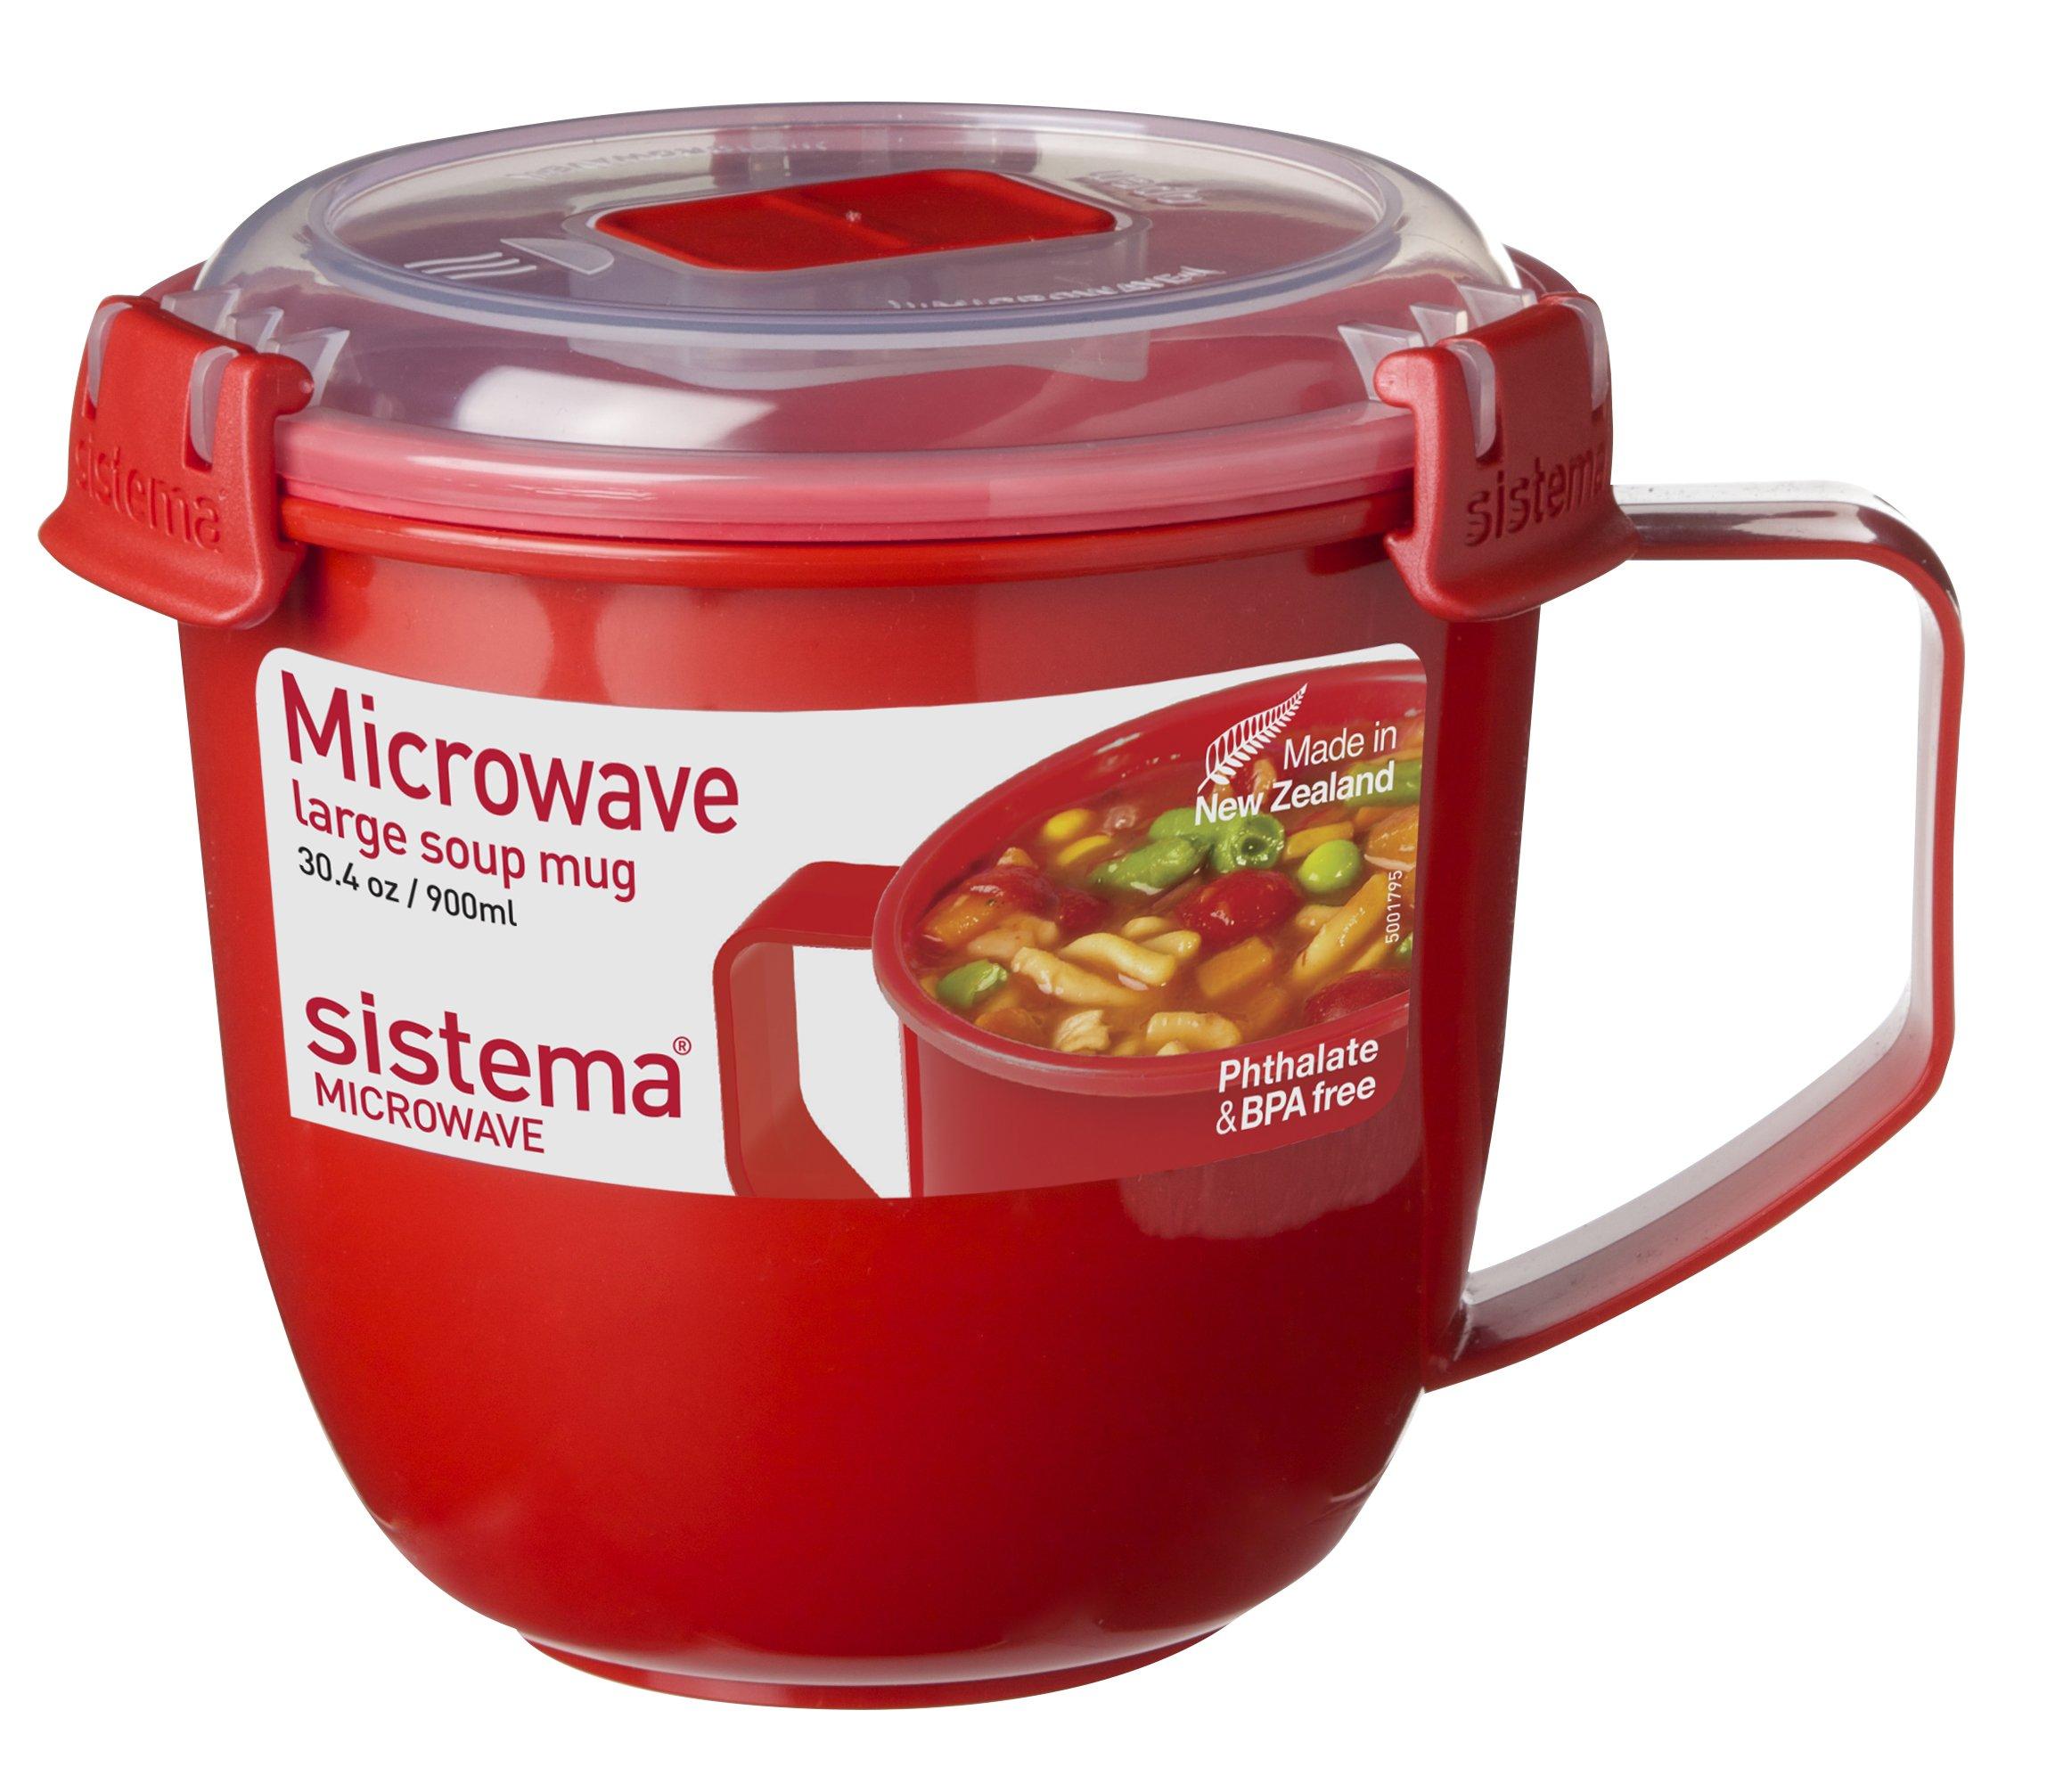 Sistema Microwave Collection Soup Mug, Large, 30.4 oz./0.9 L, Red